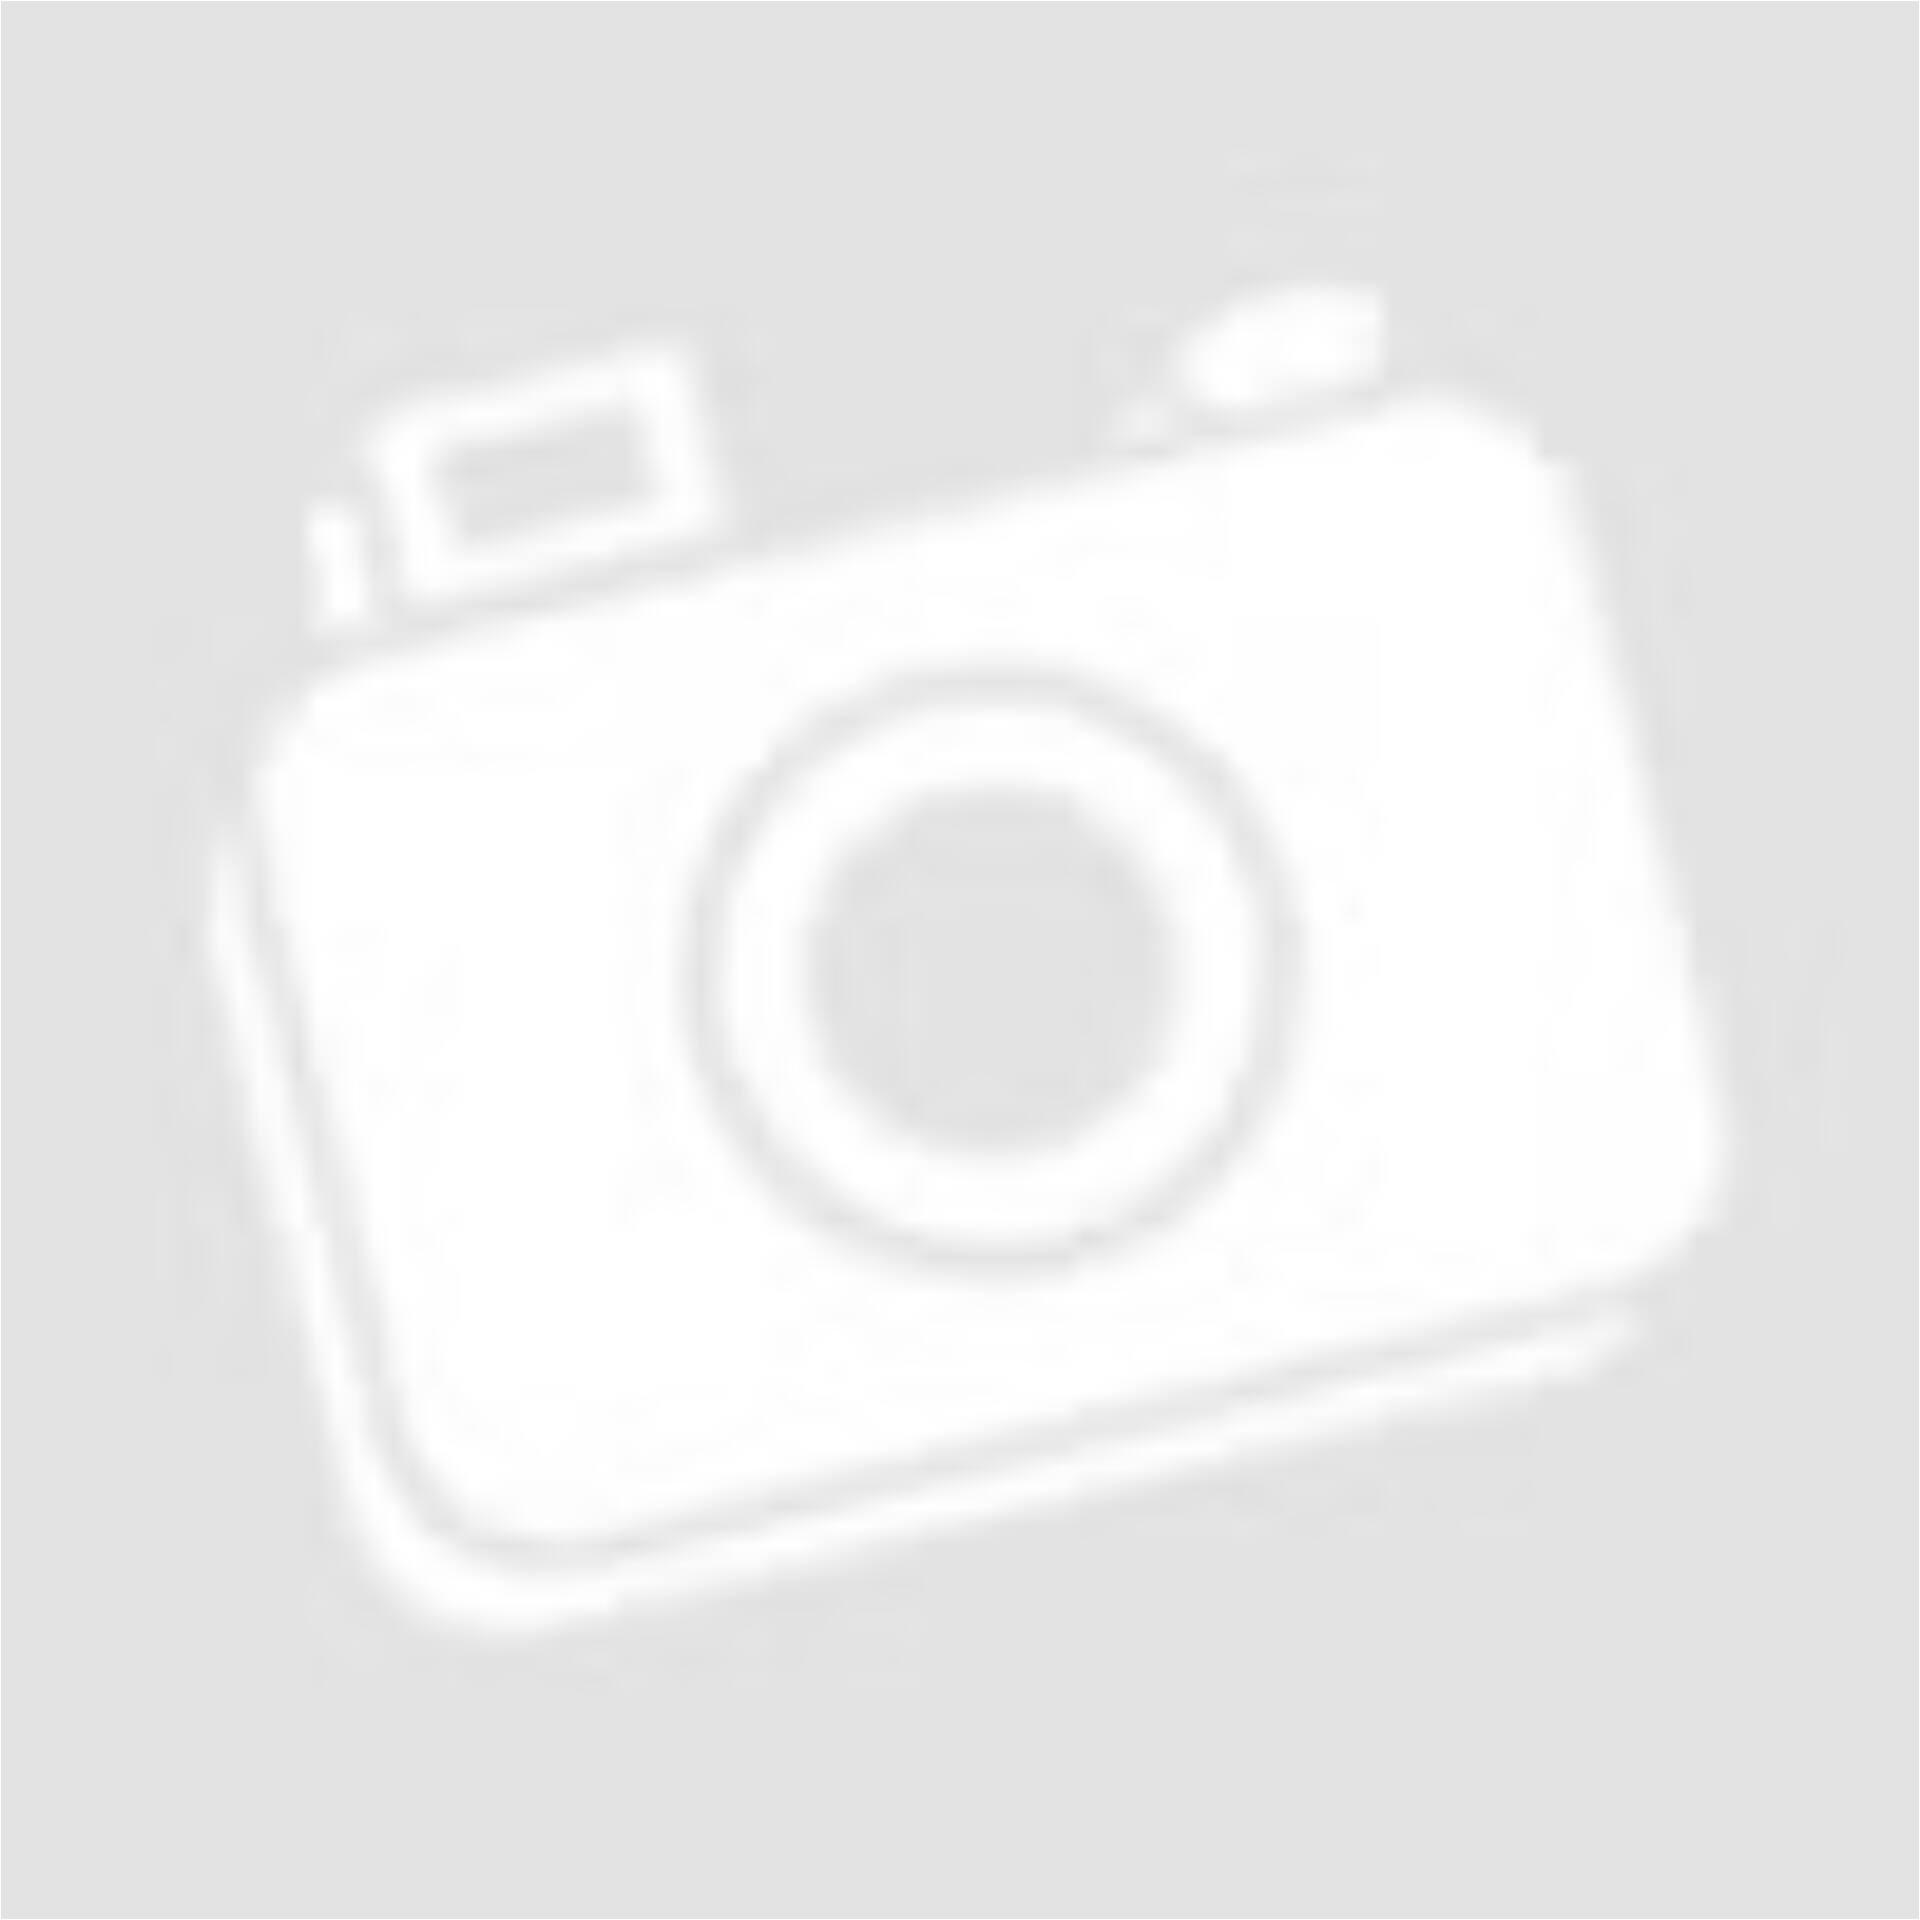 4981724d67 Fekete színű PKA munkavédelmi bakancs (Méret: 45) - Bakancs, csizma ...